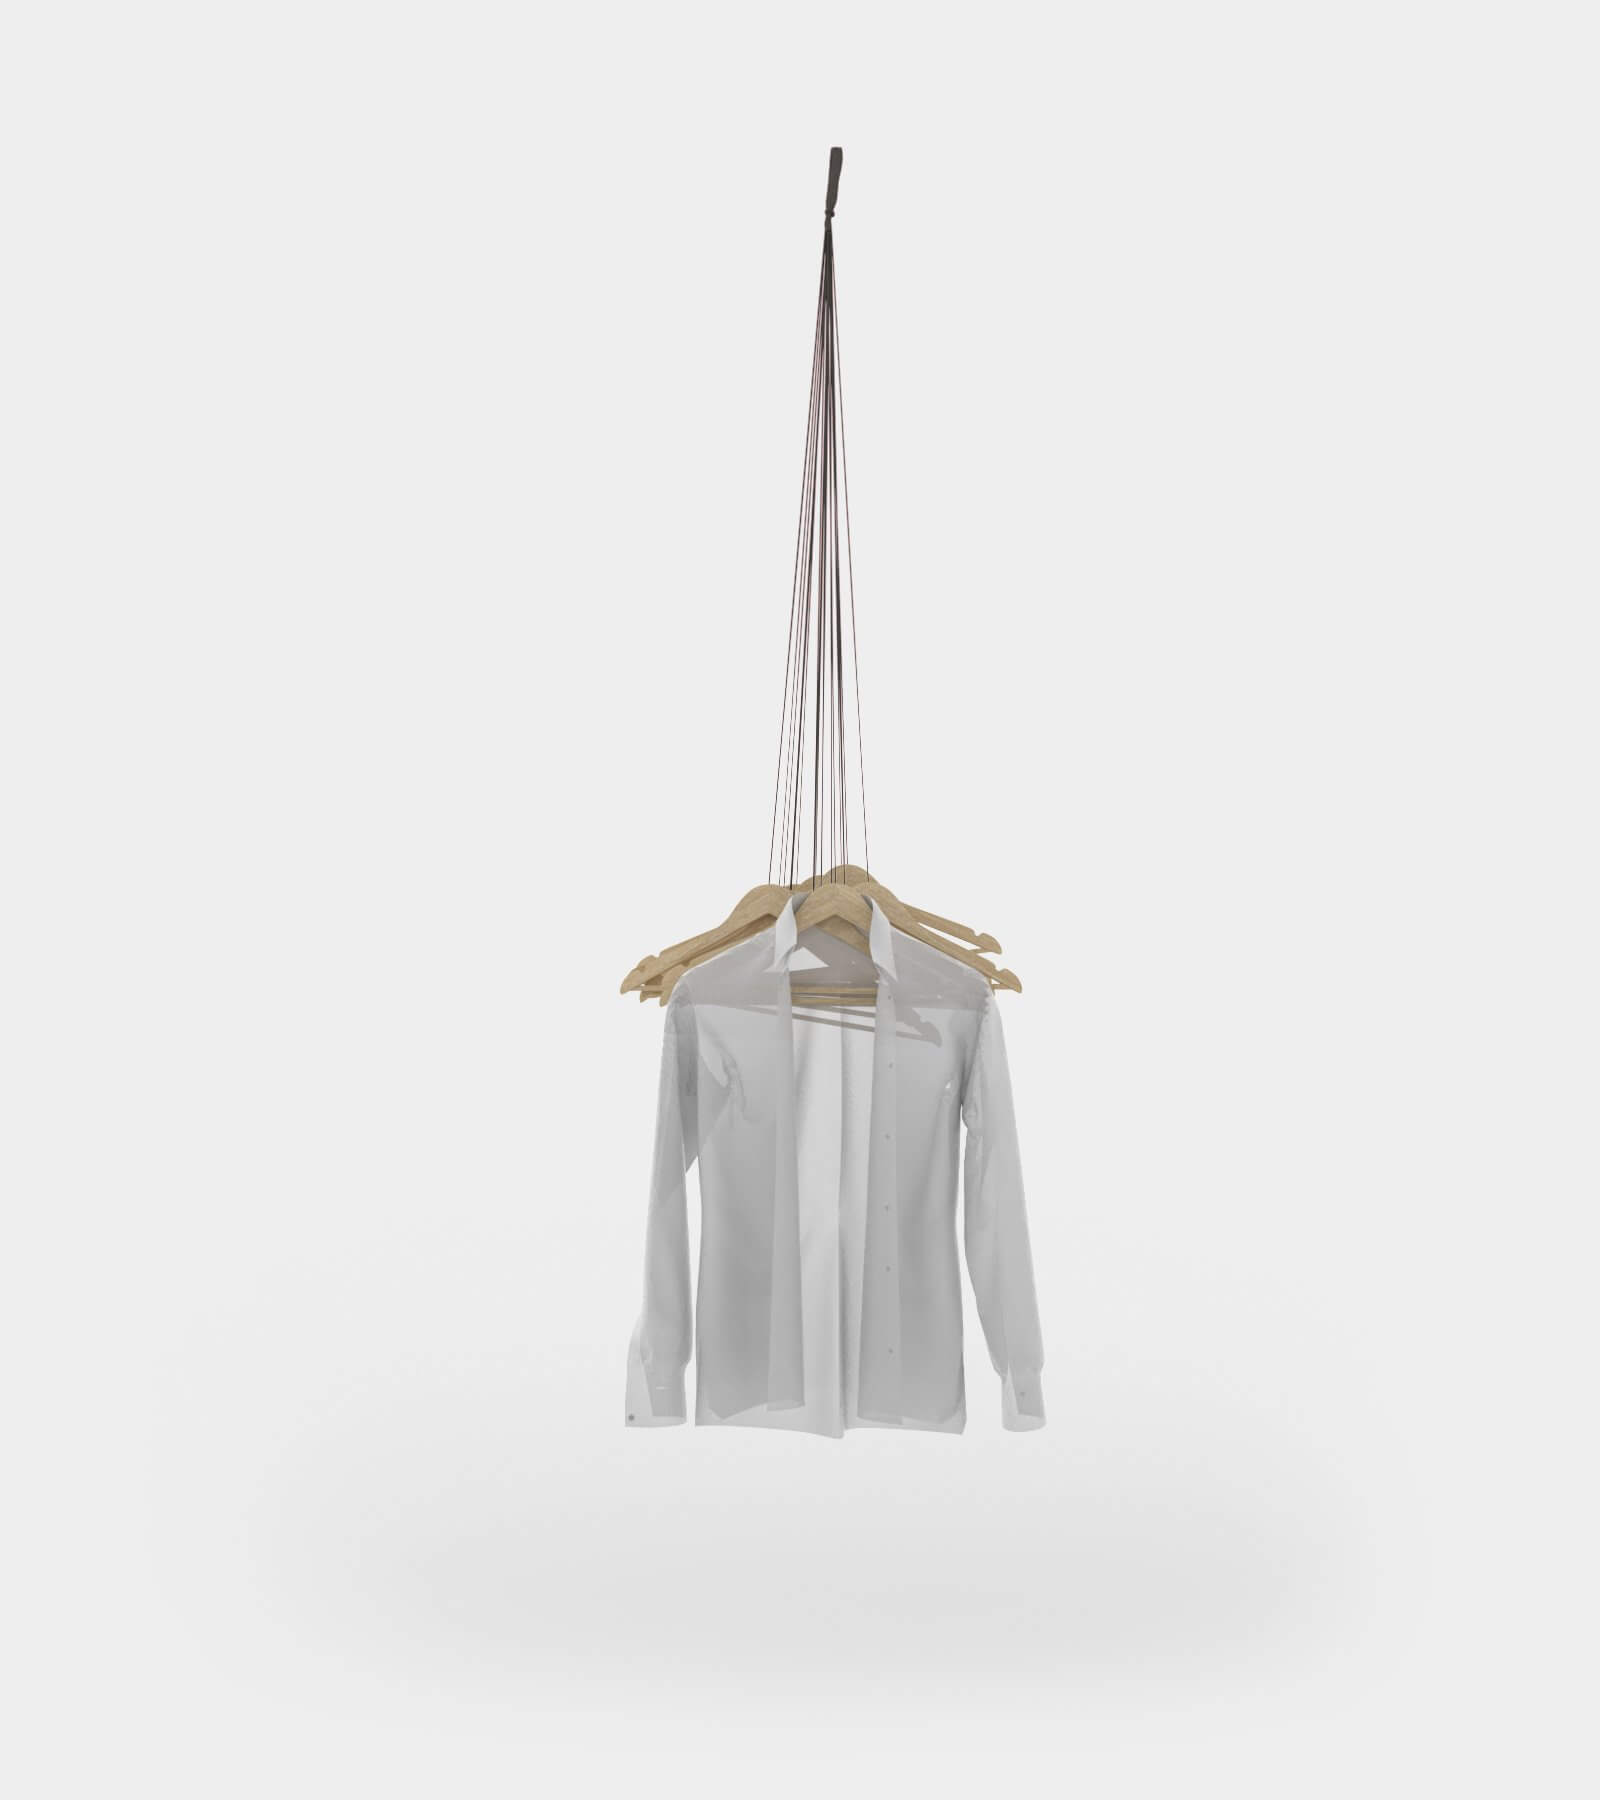 Hanging coat rack with hangers - 3D Model